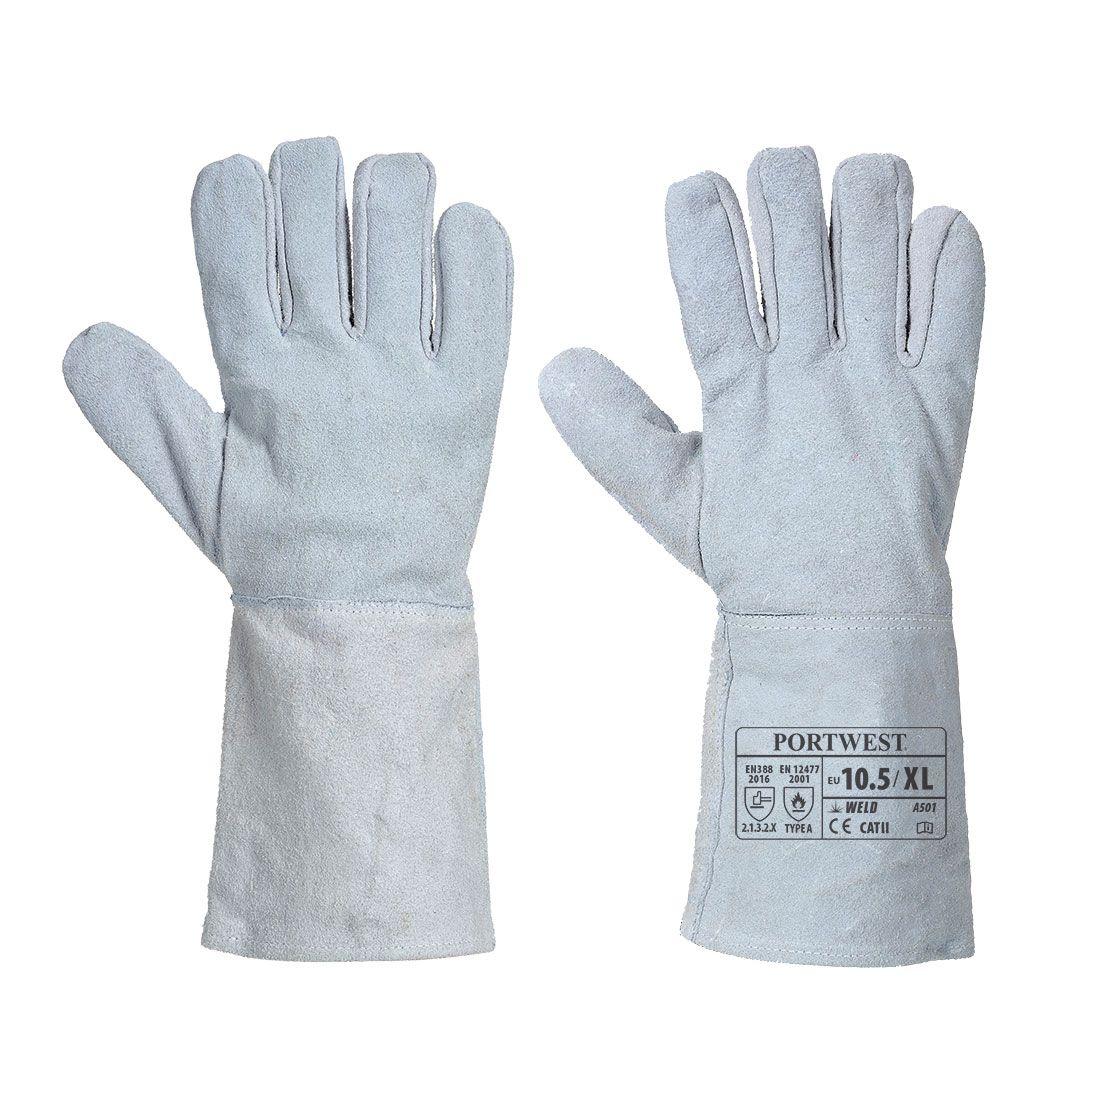 Portwest Handschoenen A501 grijs(GR)